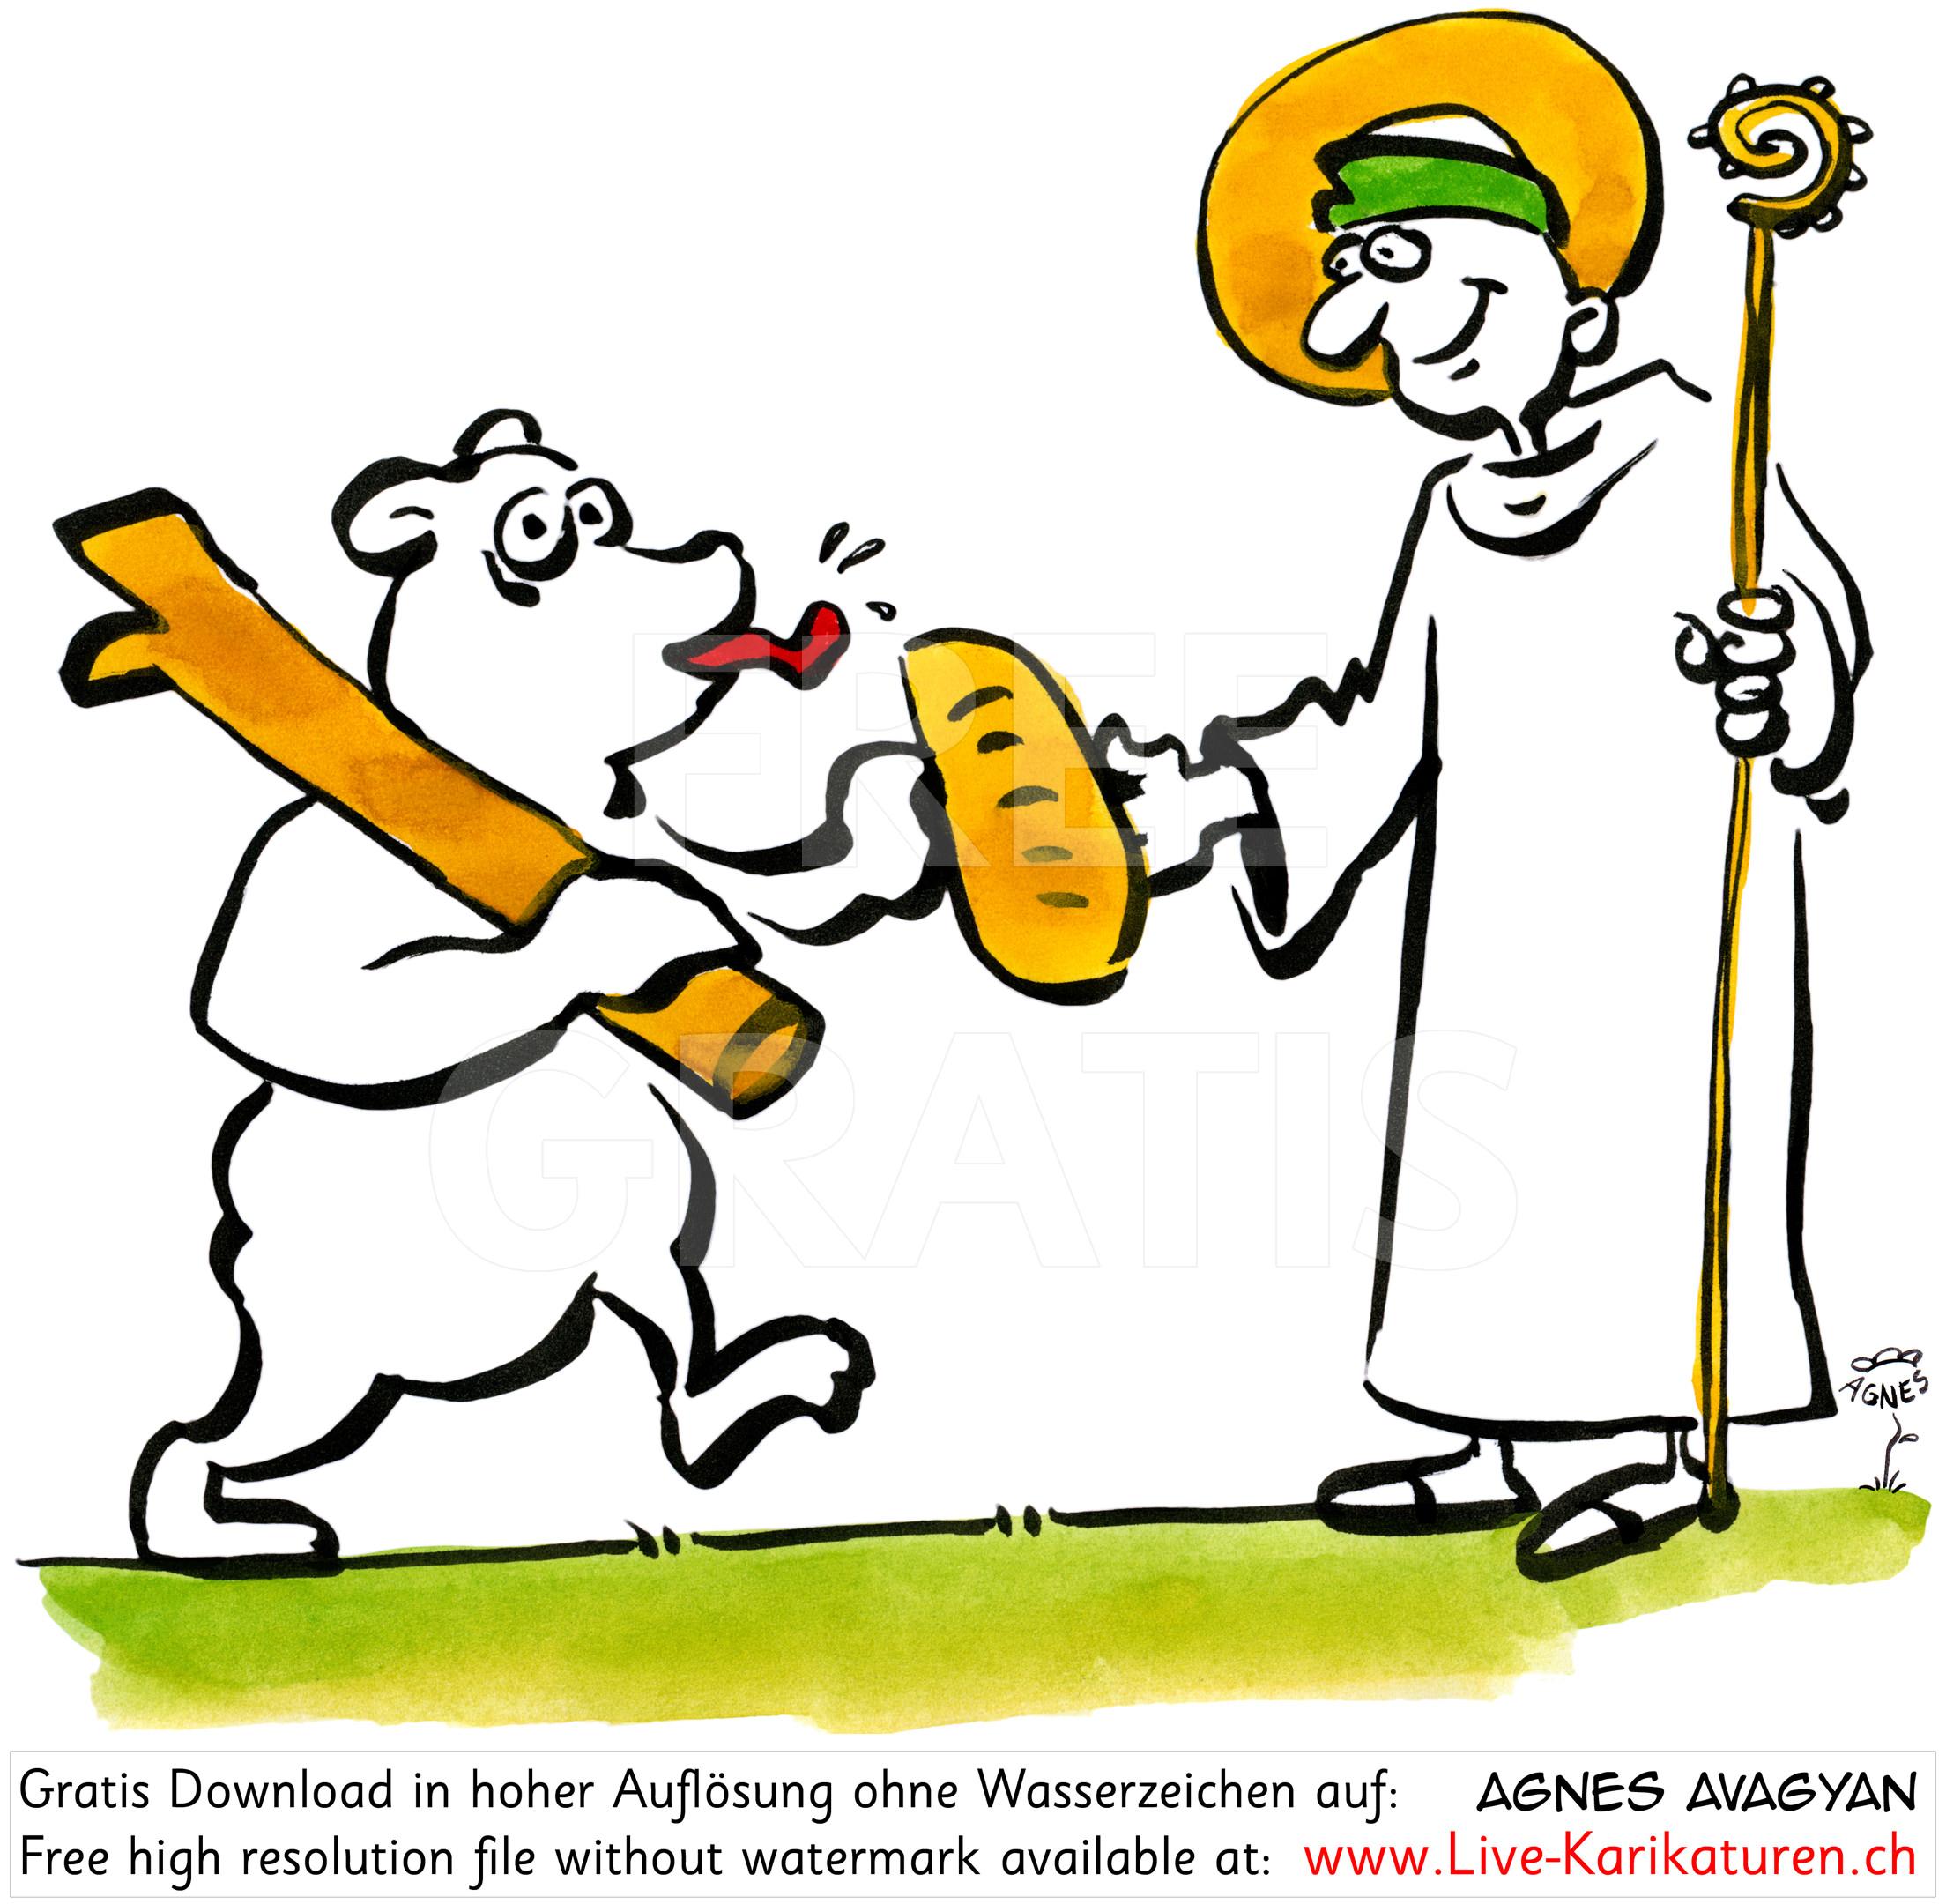 Kriens Gallus Baer Brot weiss.